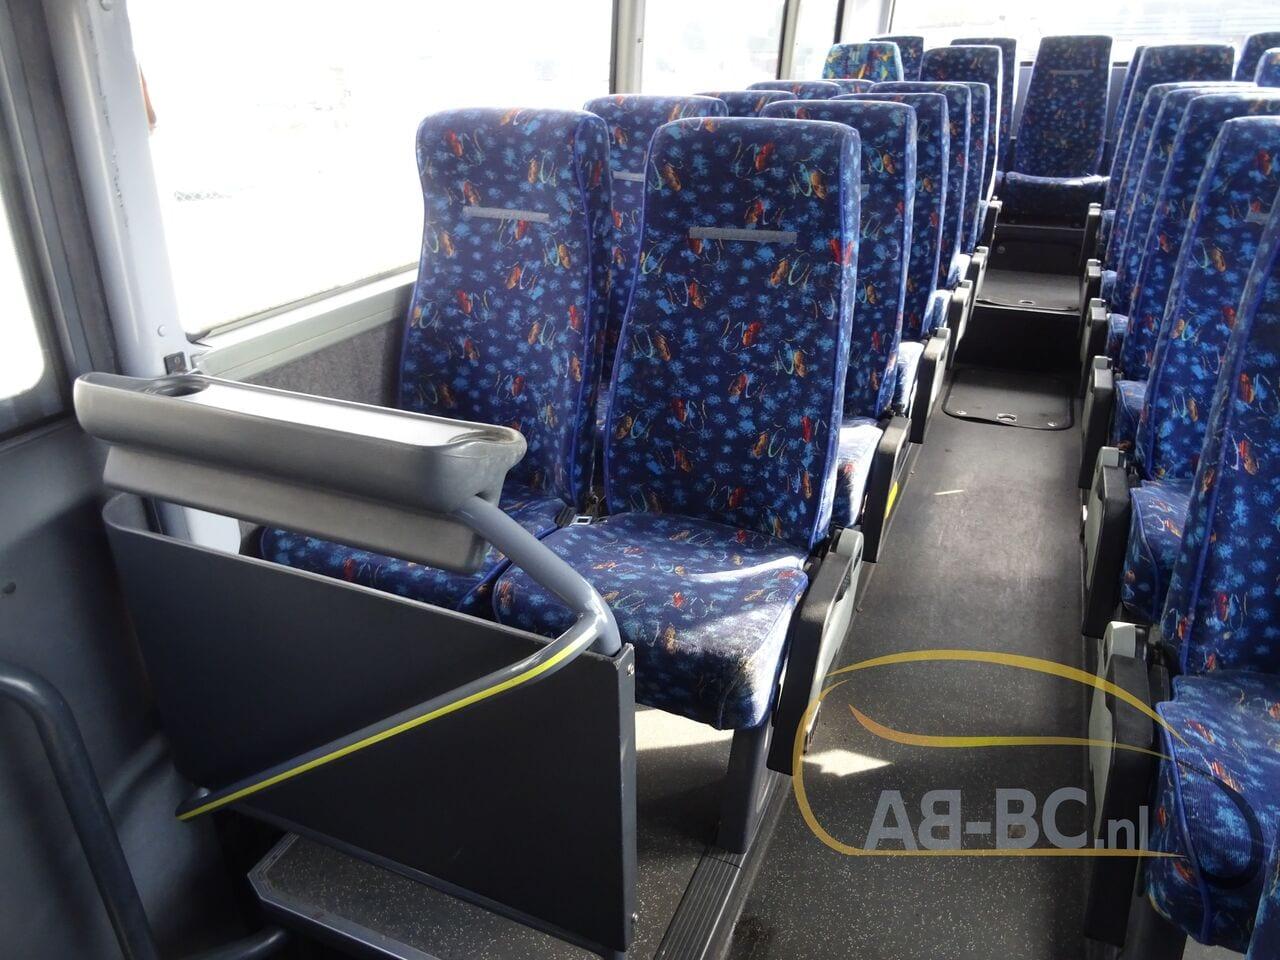 coach-busTEMSA-Safari-RD-65-Seats---1620312005801779329_big_293c227c21ff31384b1a256de8c0737a--21050617272795316700